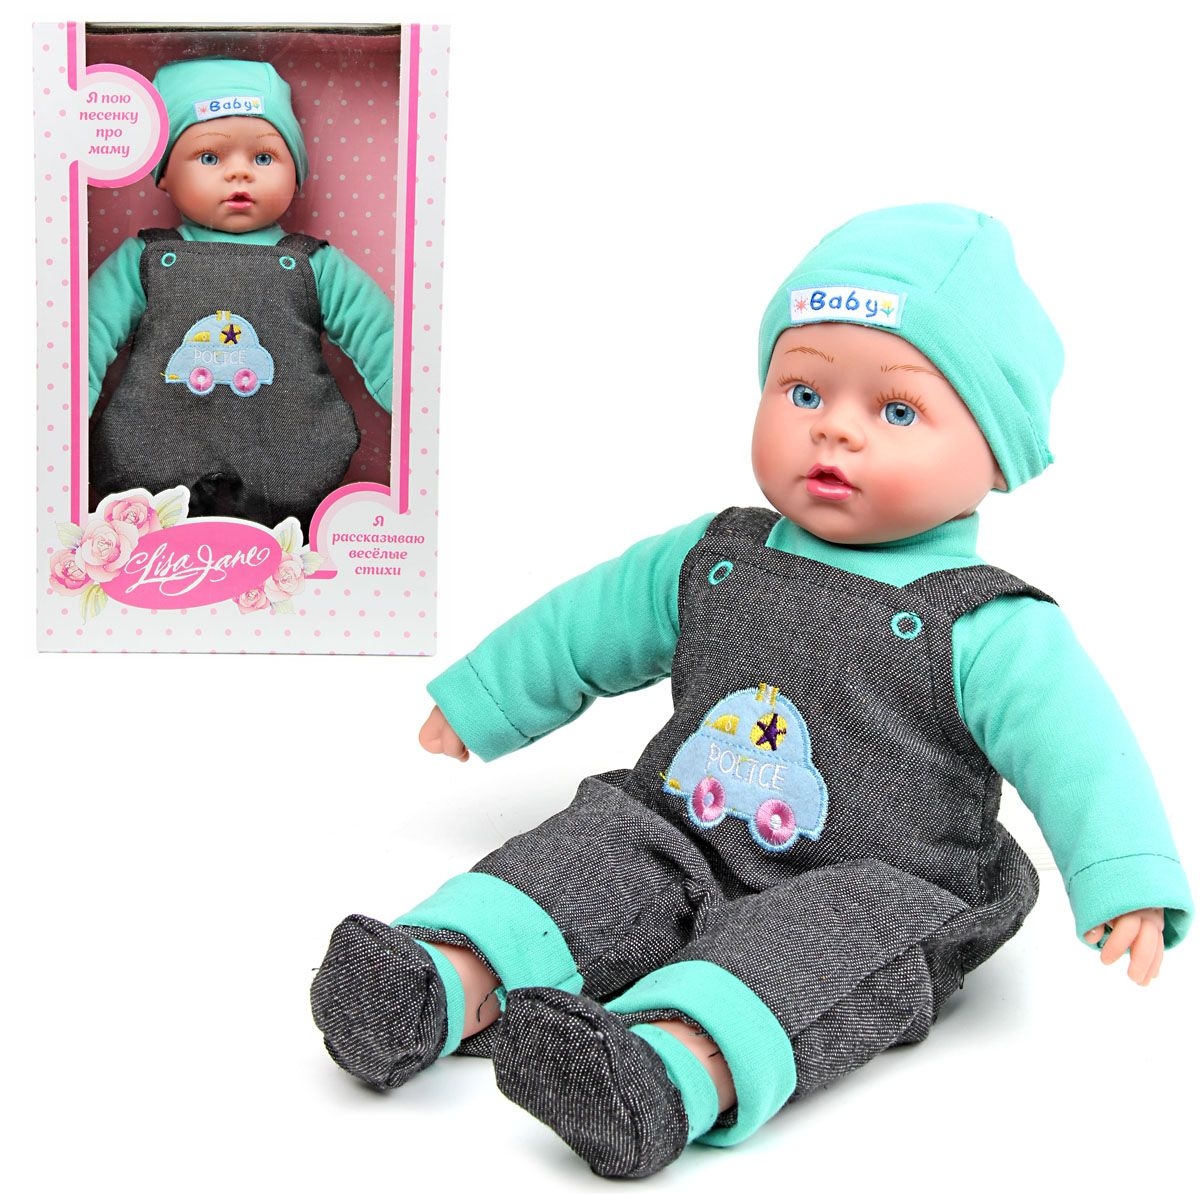 Кукла интерактивная в голубом дениме, 40 см